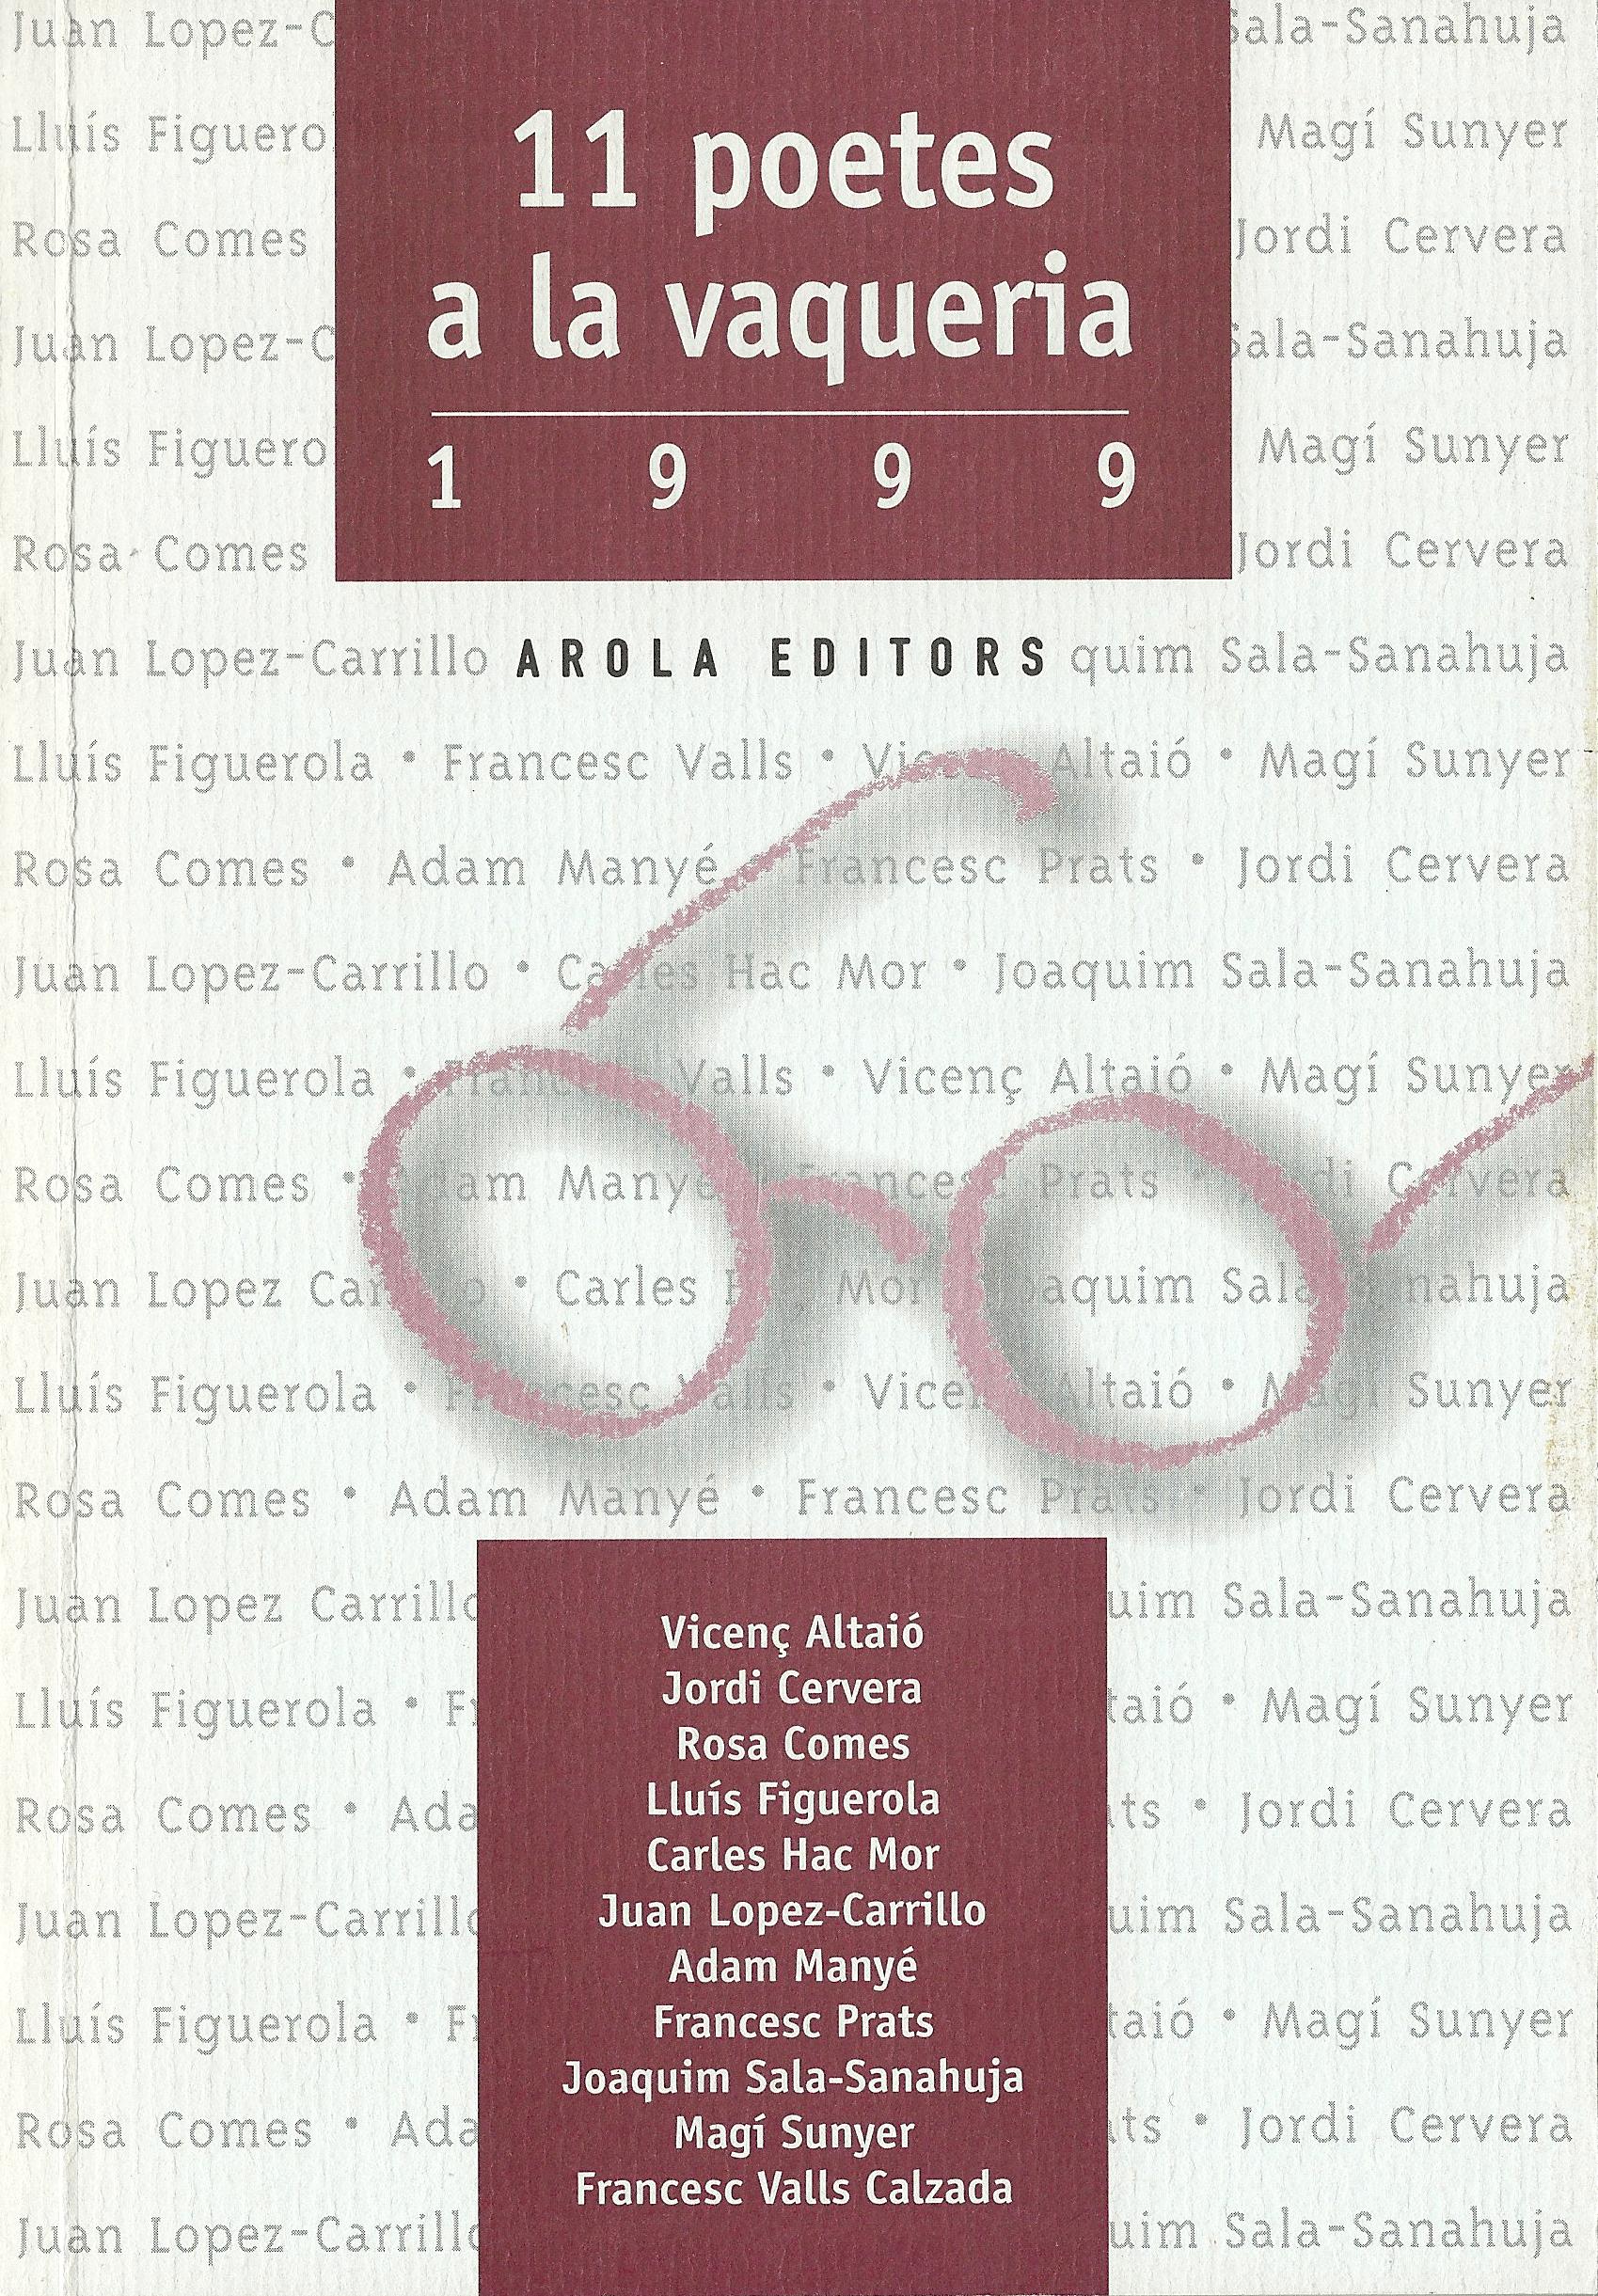 11 poetes a la vaqueriía -1999